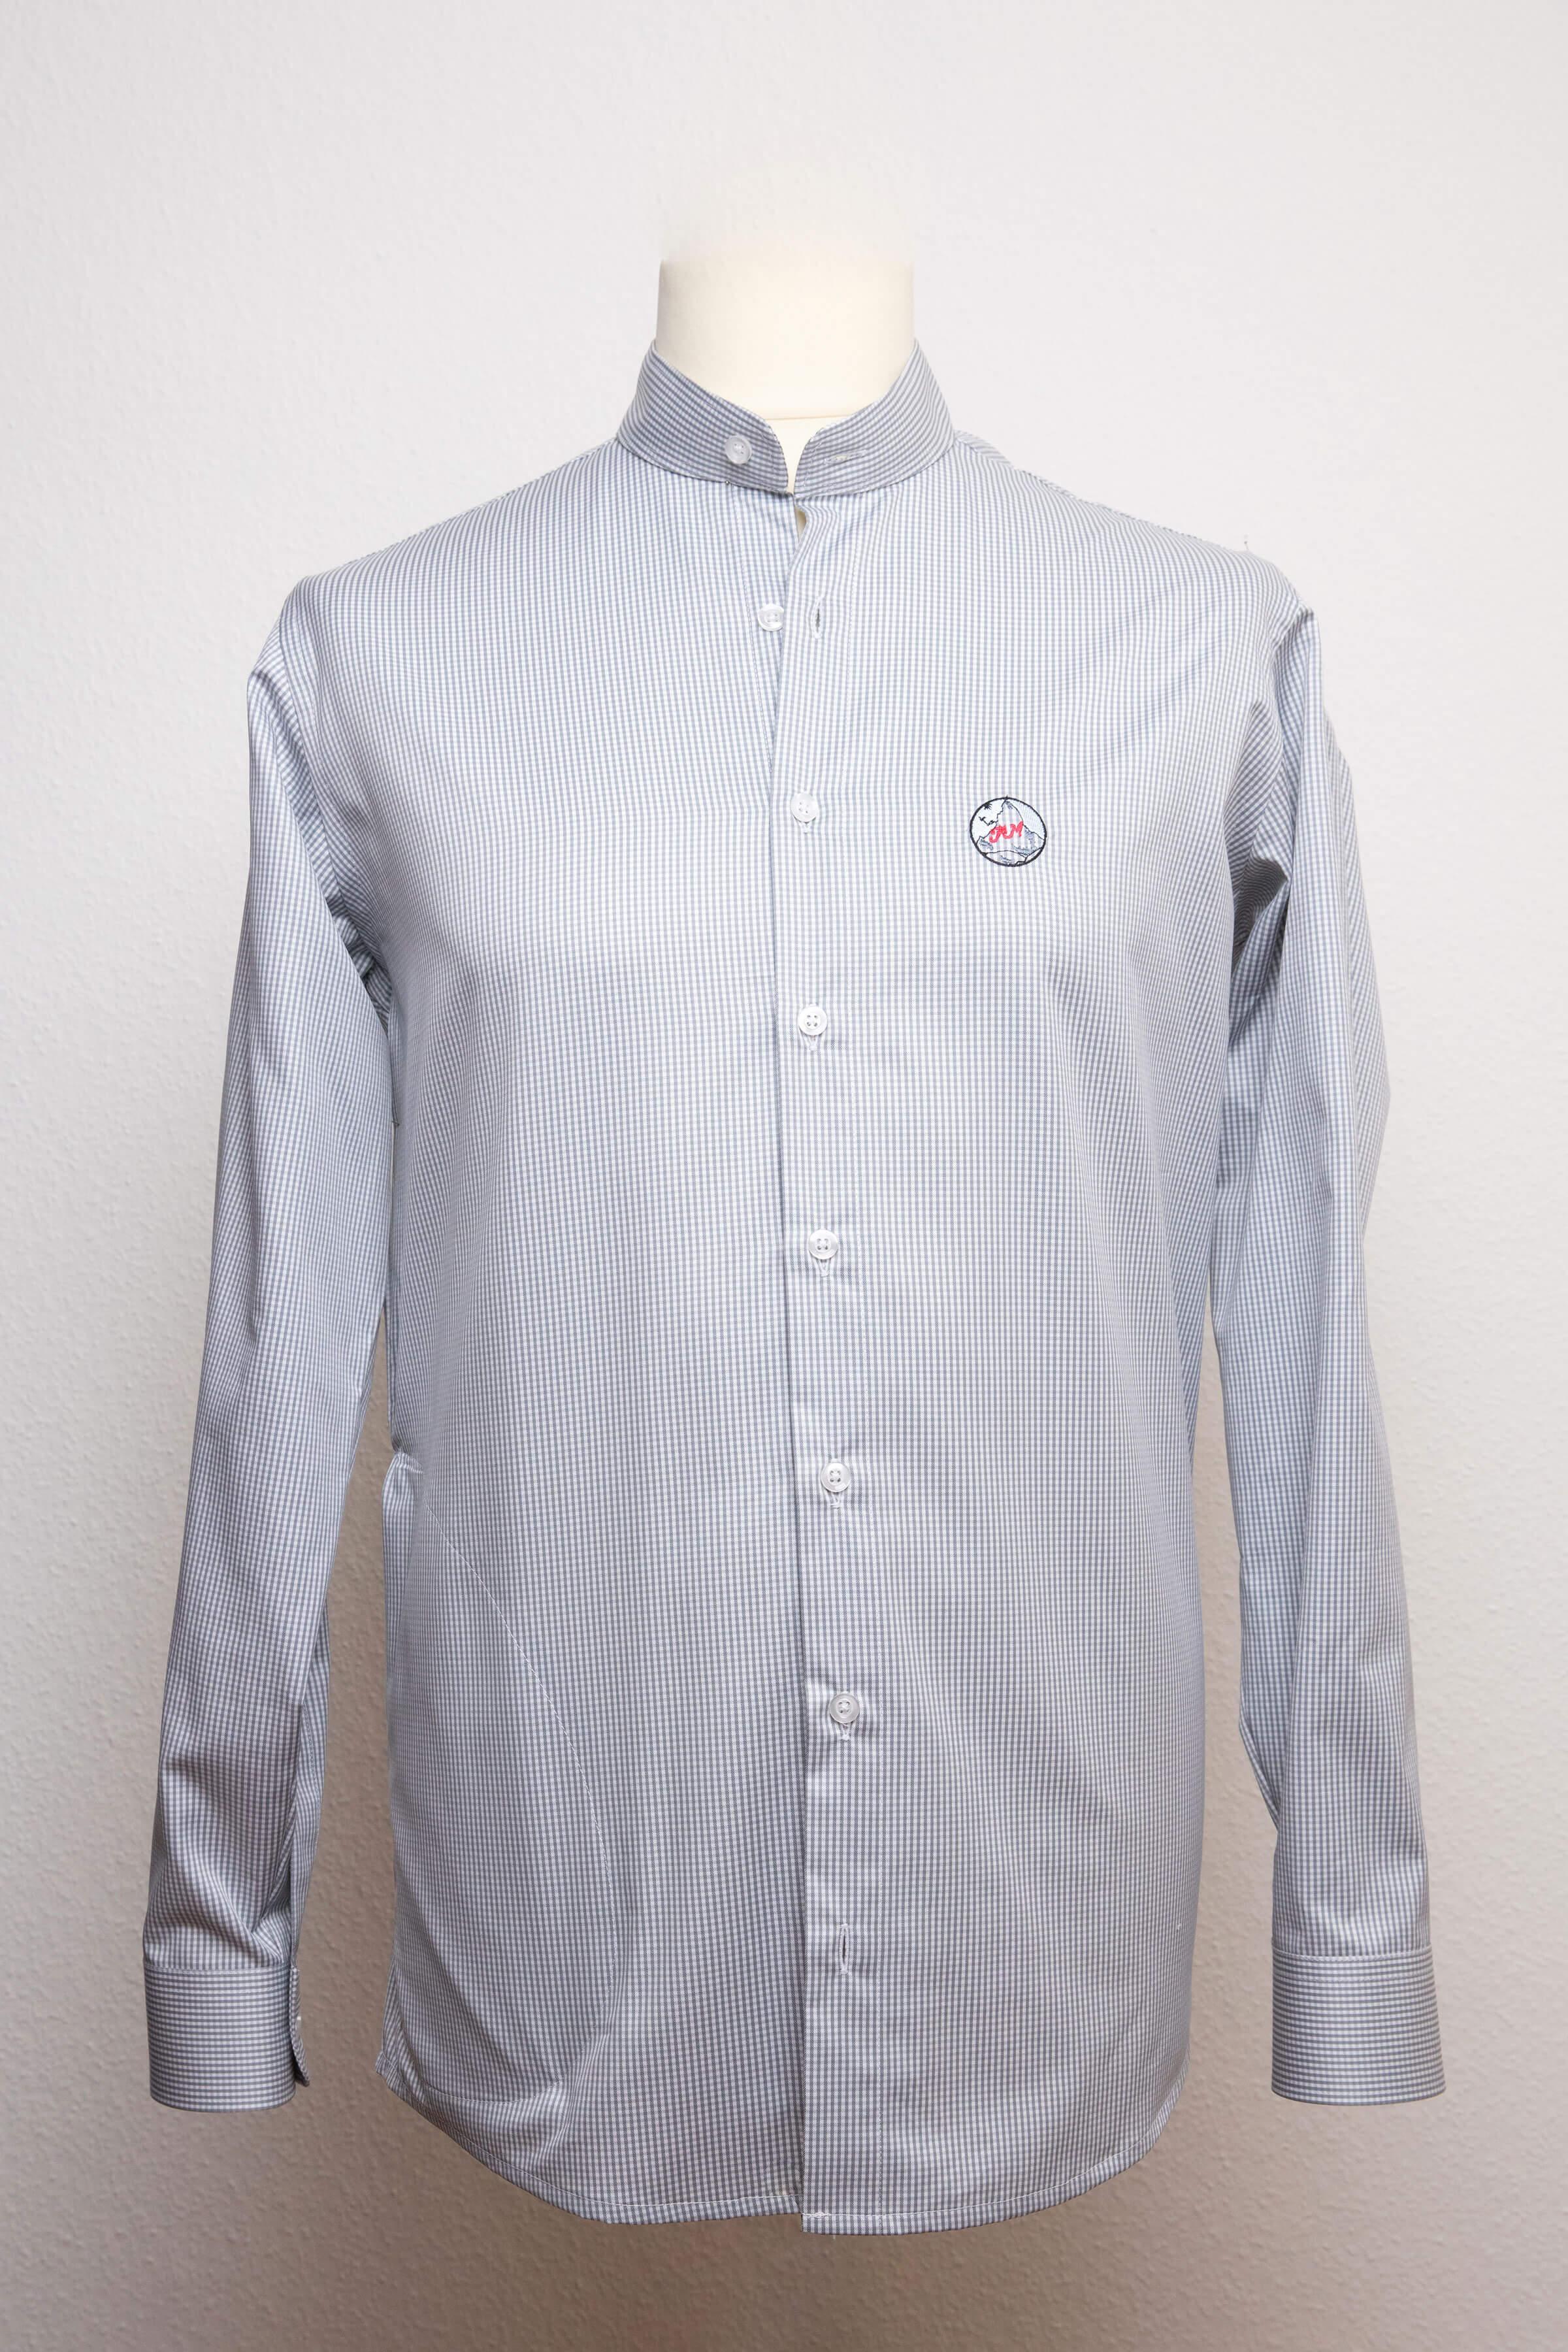 size 40 39263 827a7 Herrenhemd mit Knopfleiste in versch. Farben